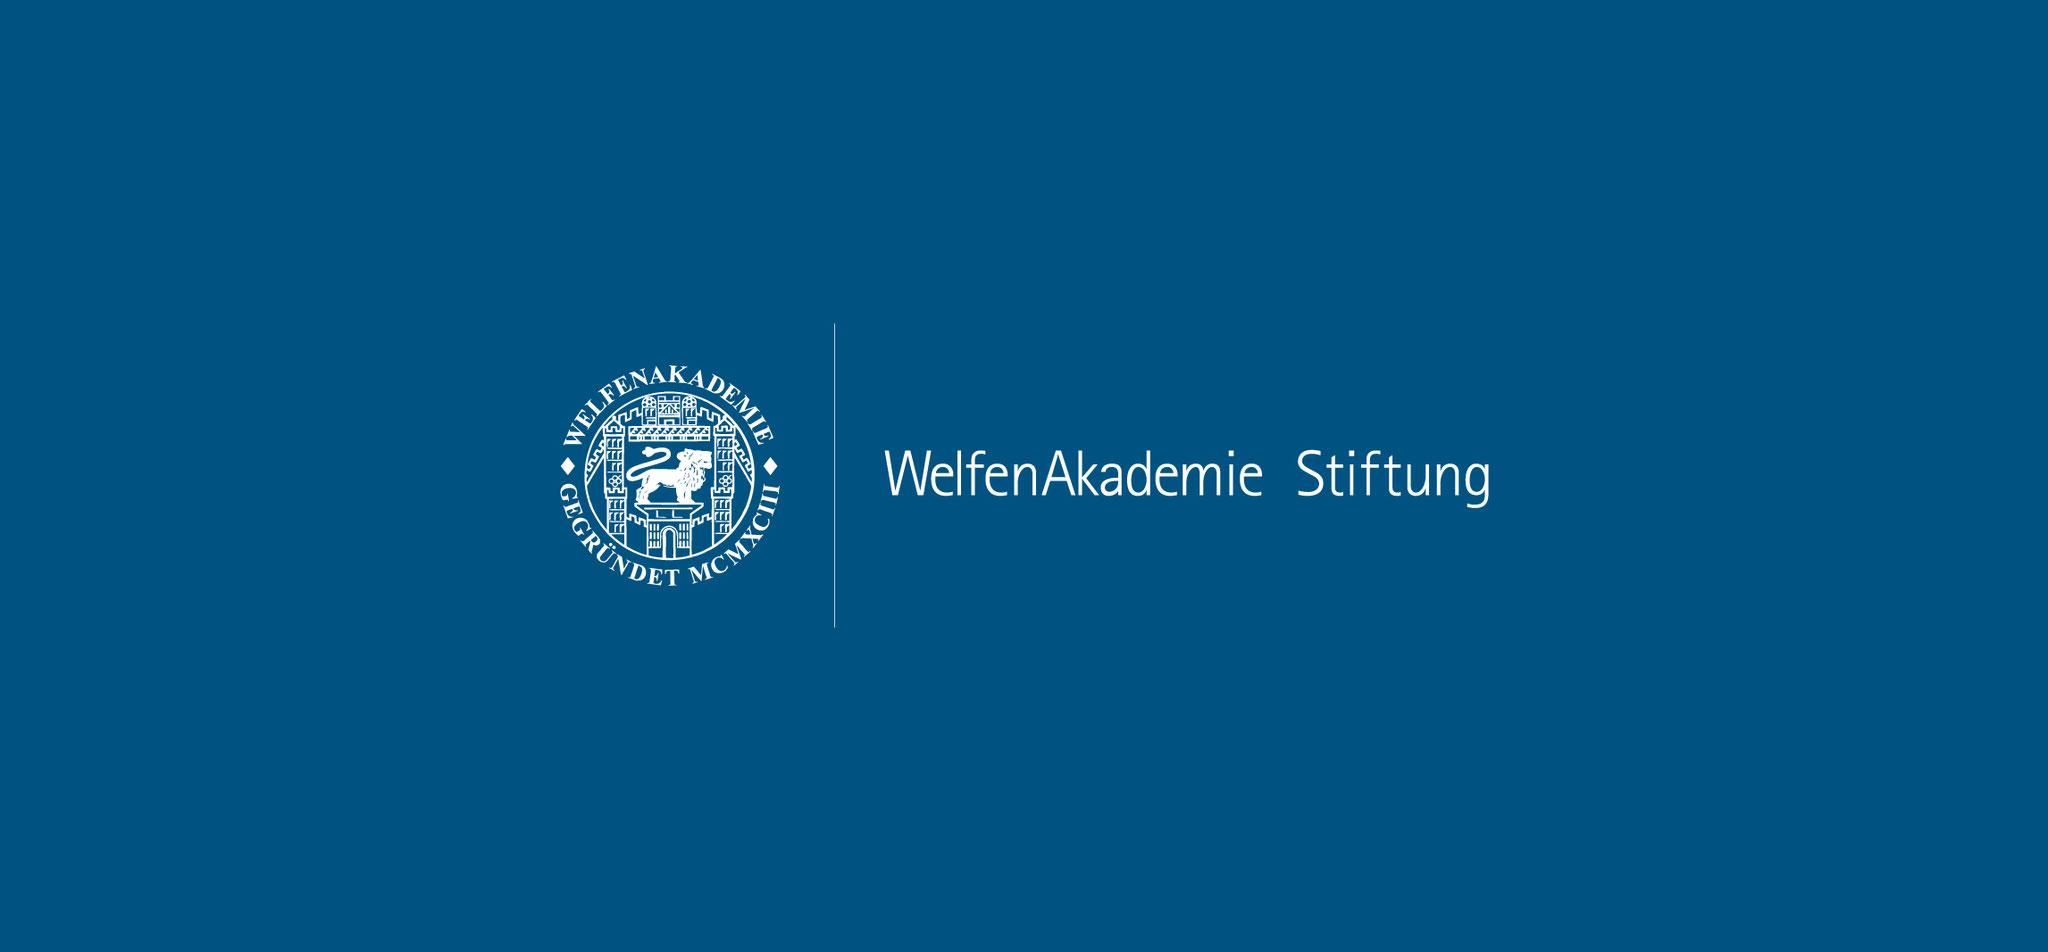 WELFENAKADEMIE STIFTUNG | logo – infragrau, gute gestaltung